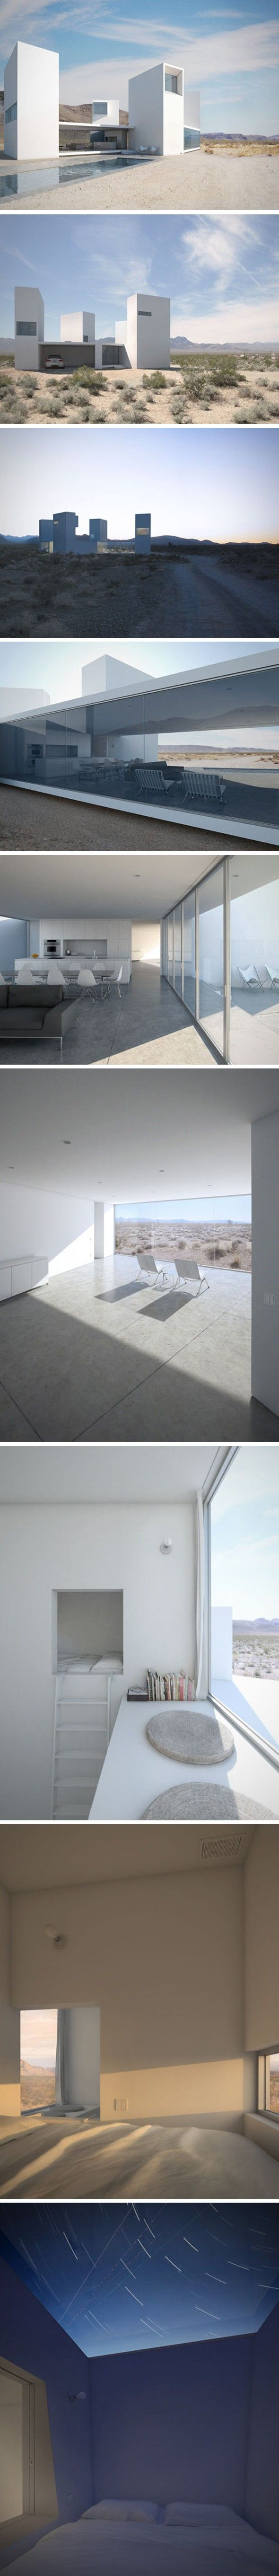 Maison familiale dans le désert californien Voici une des réalisations du studio Edward Ogosta Architecture, la Four Eyes House a été conçue non pas pour l